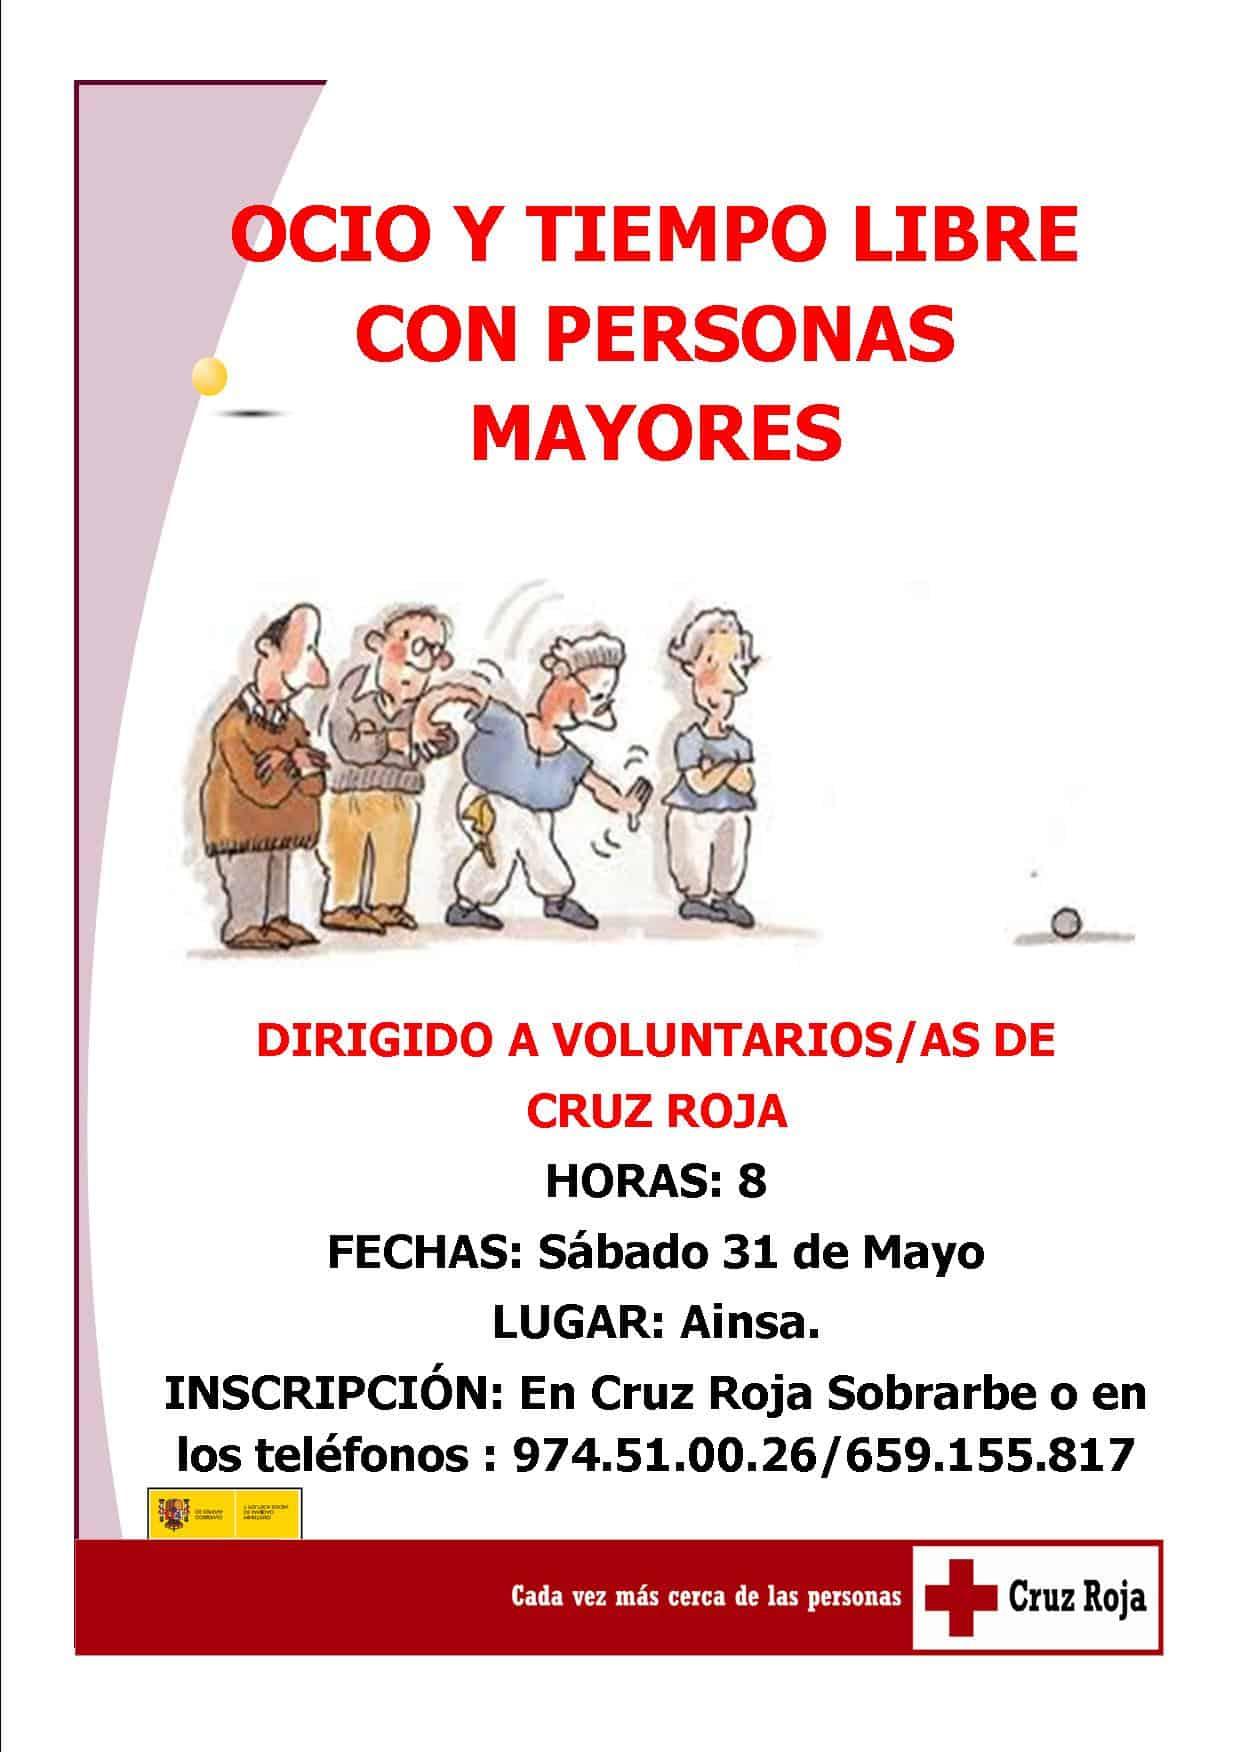 cartel_ocio_con_mayores.jpg